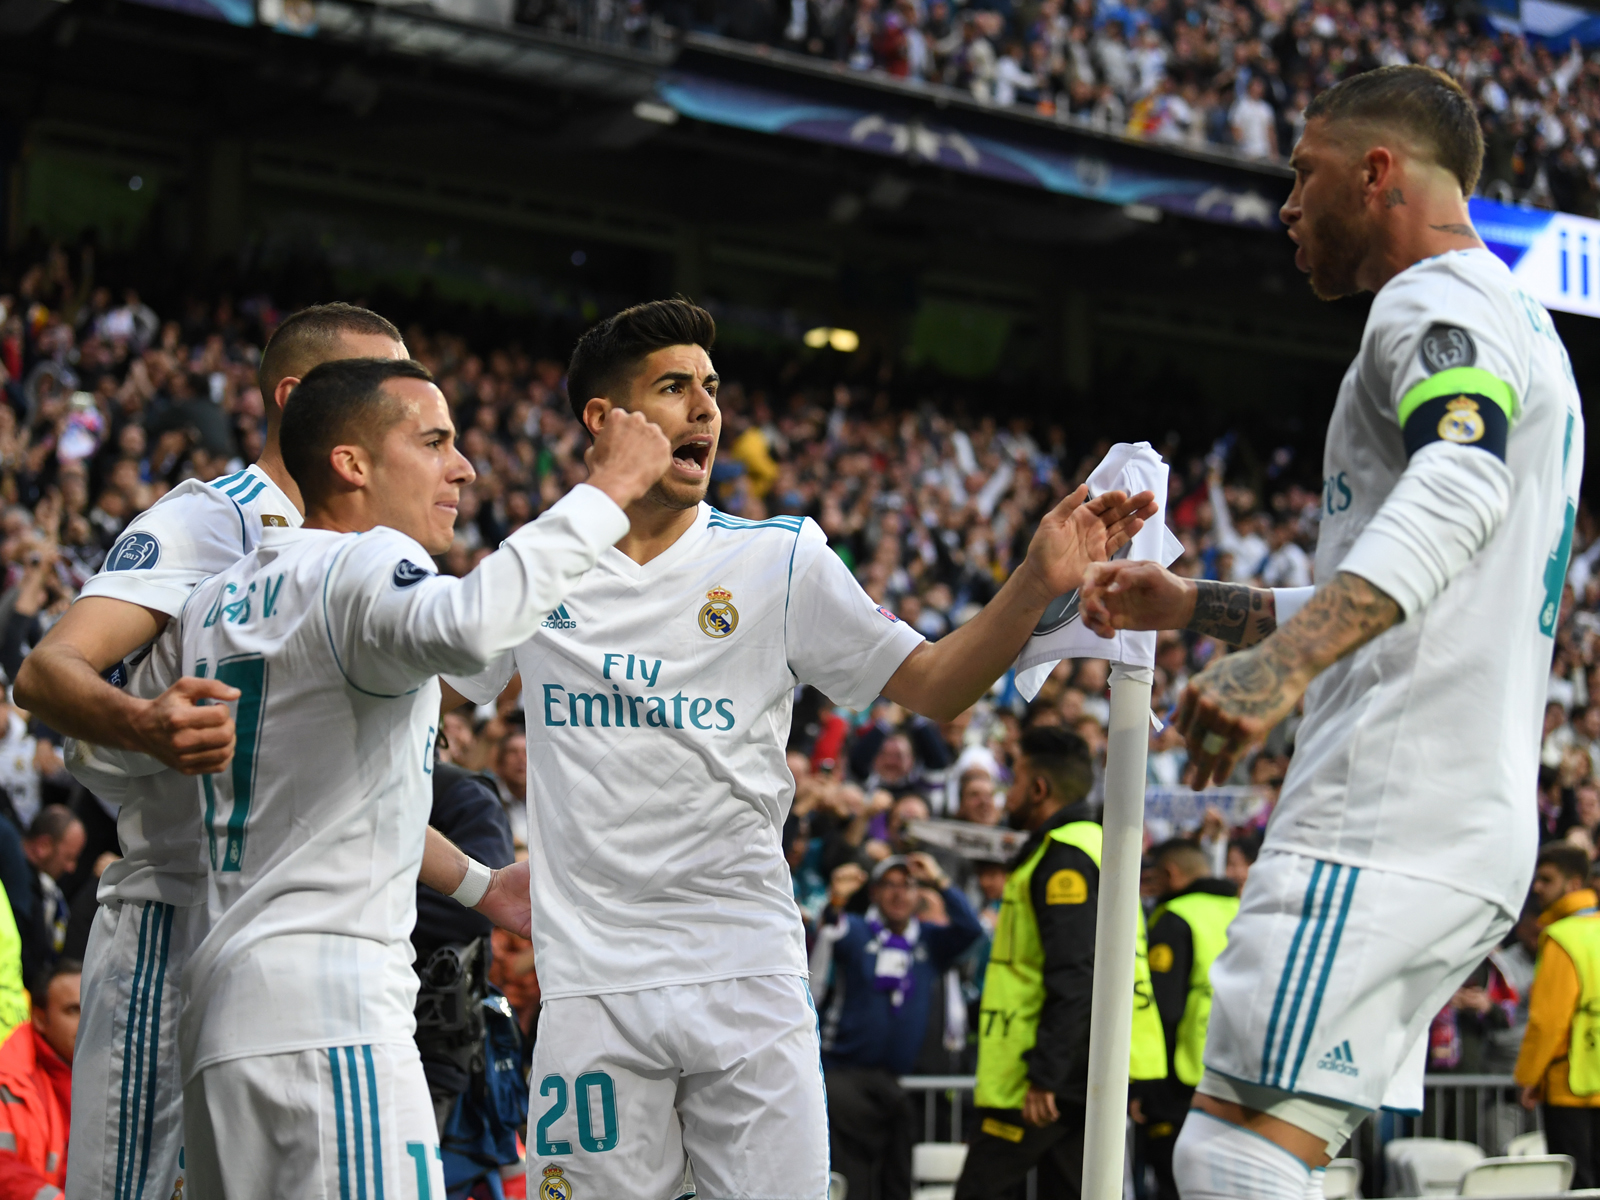 Hier können die Real-Stars Lucas Vazquez (2. v. l.), Marco Asensio und Sergio Ramos noch jubeln.